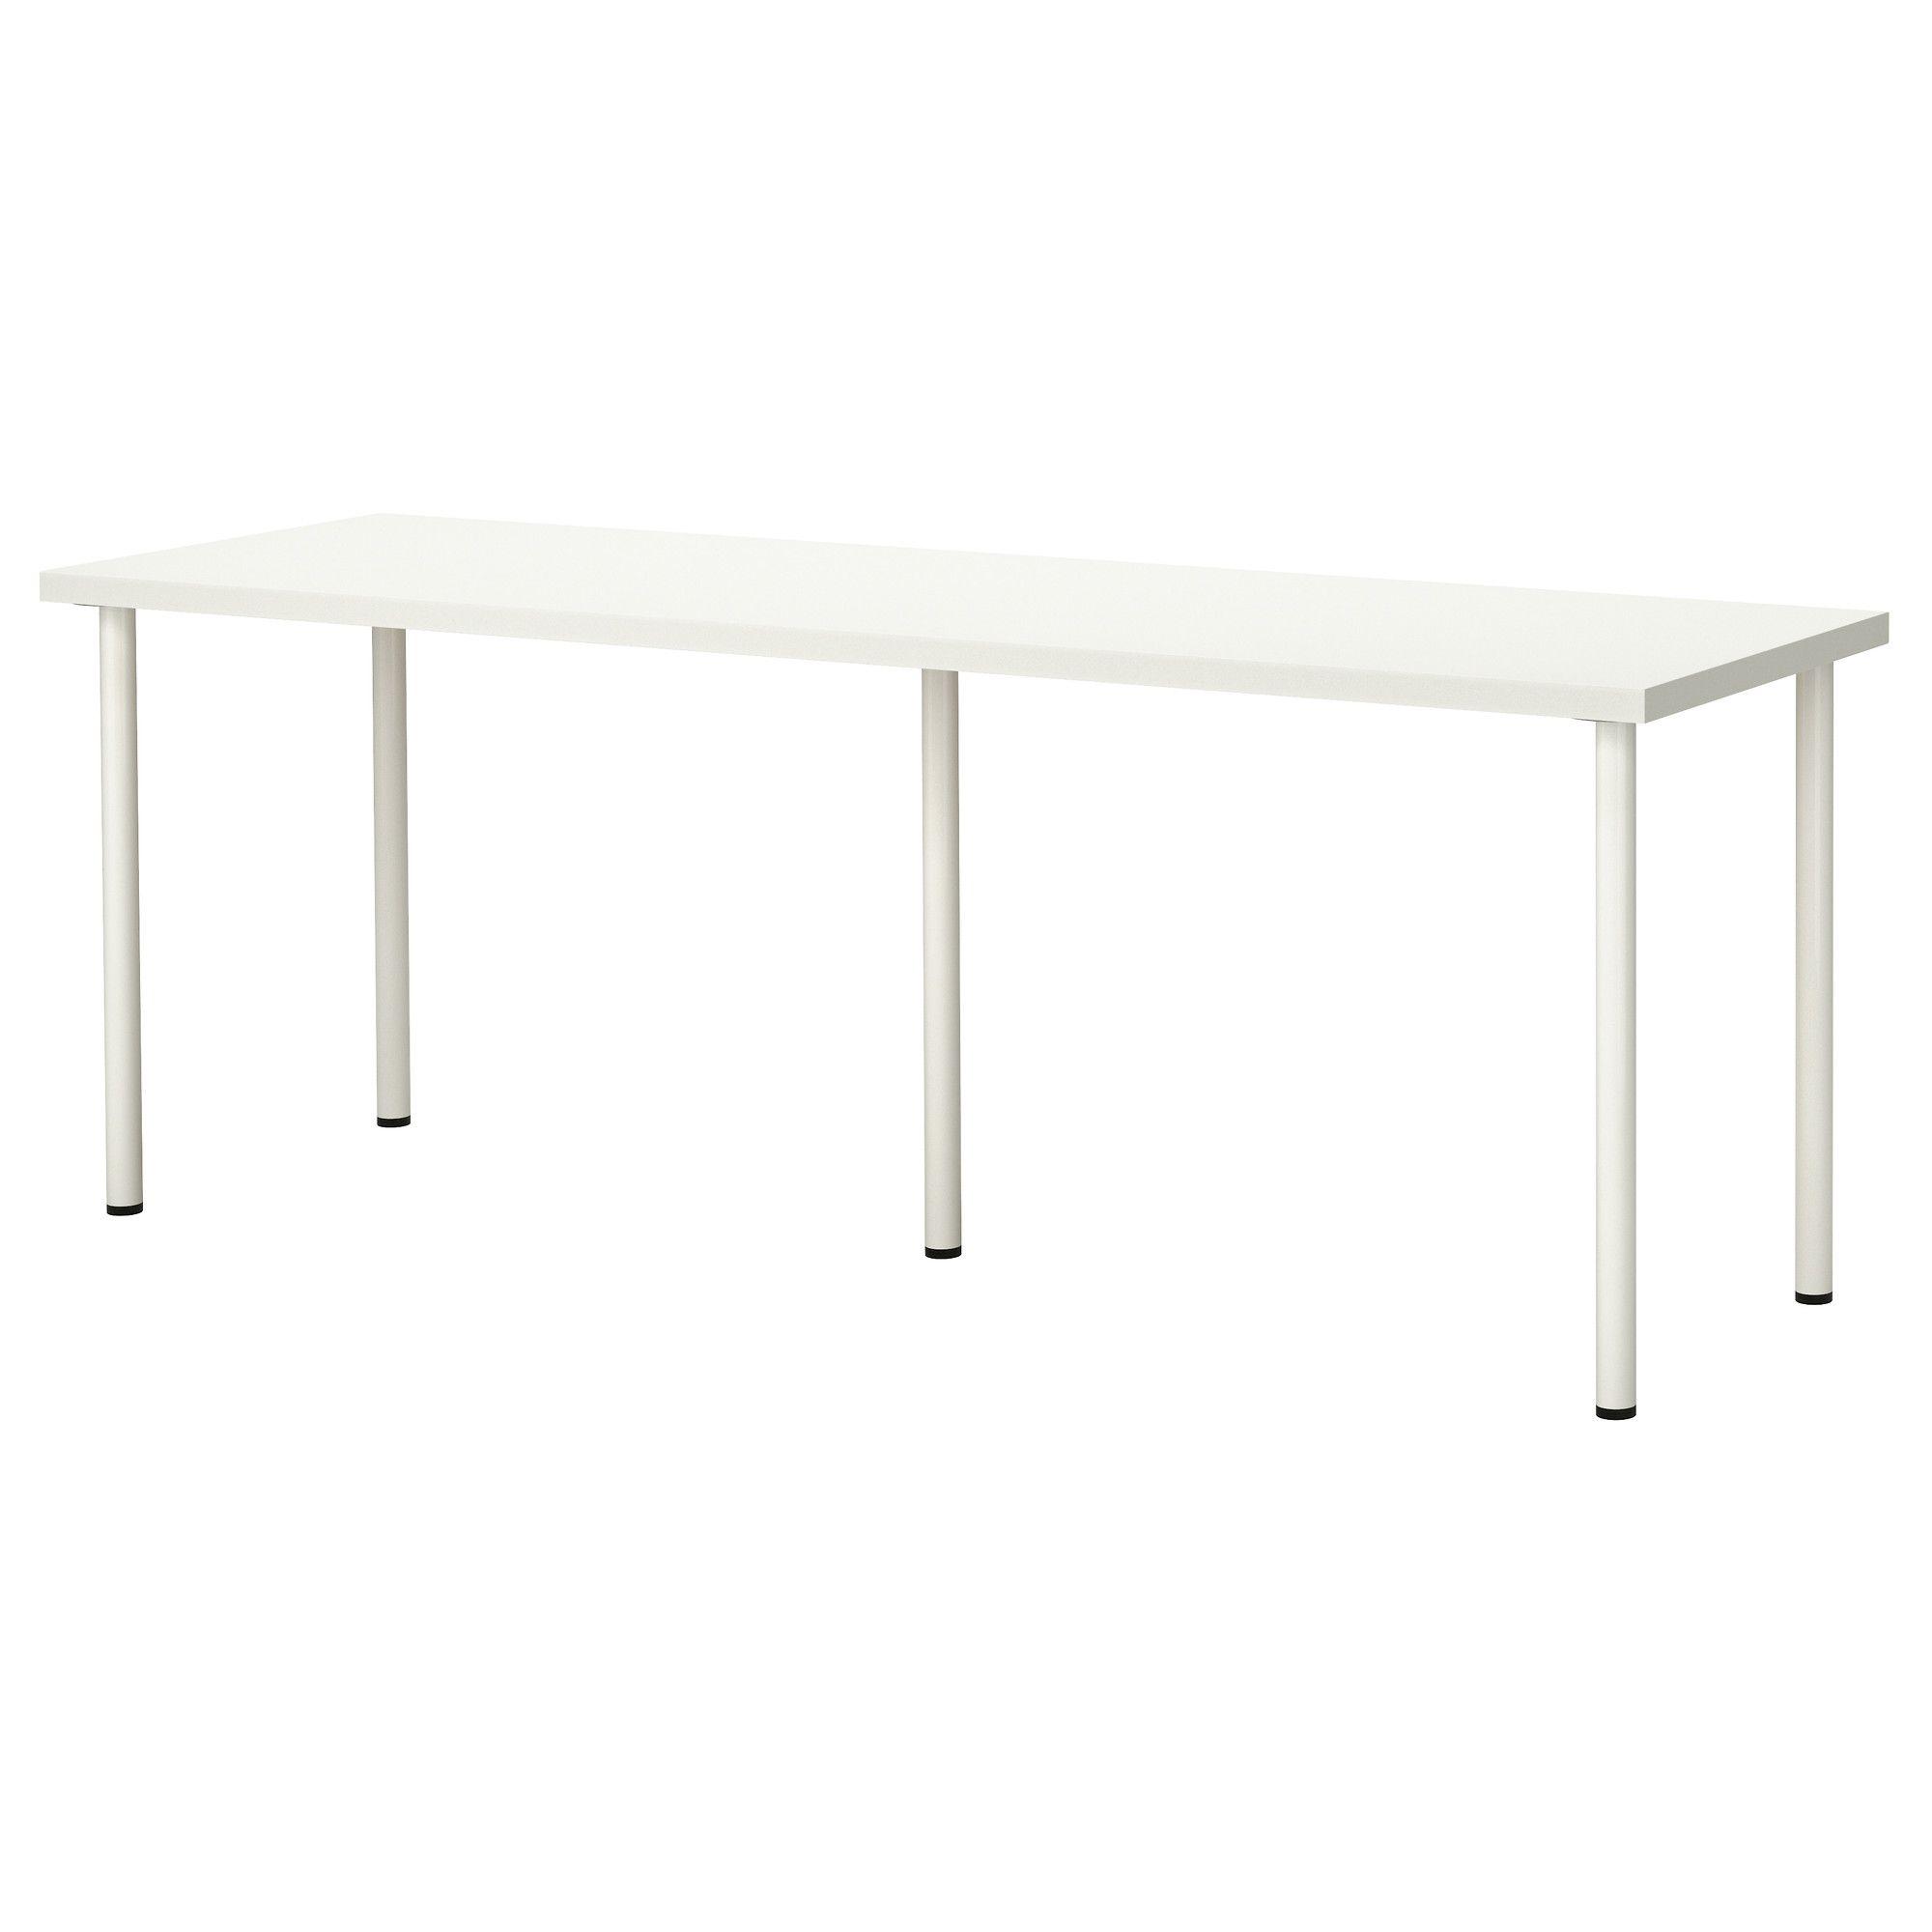 LINNMON / ADILS Table, white